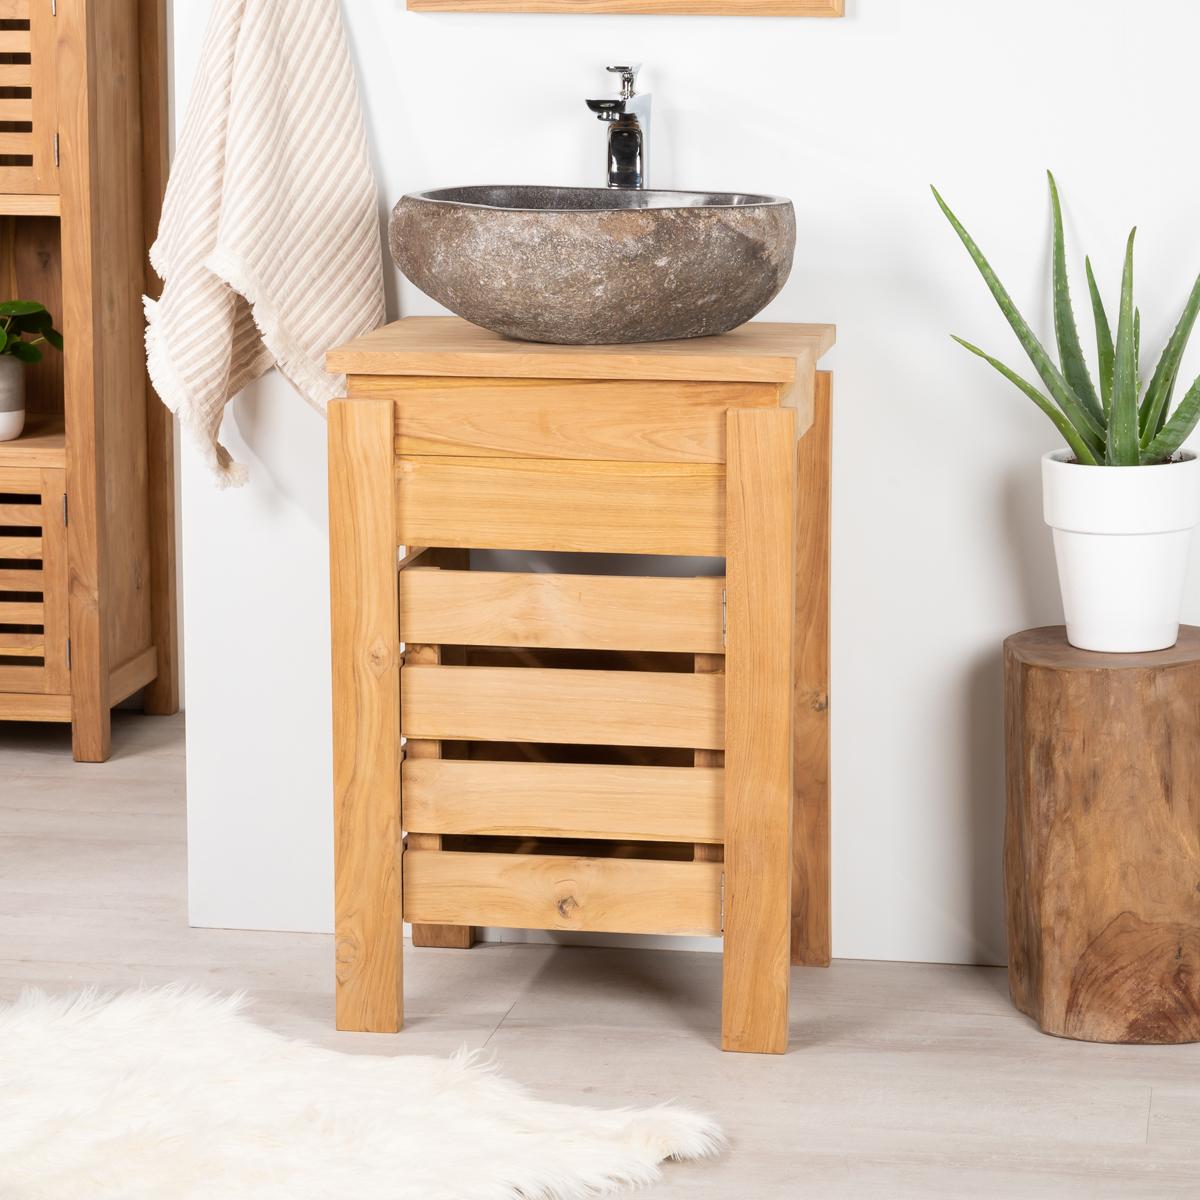 Meuble sous vasque simple vasque en bois teck massif Meuble salle de bain 50 cm